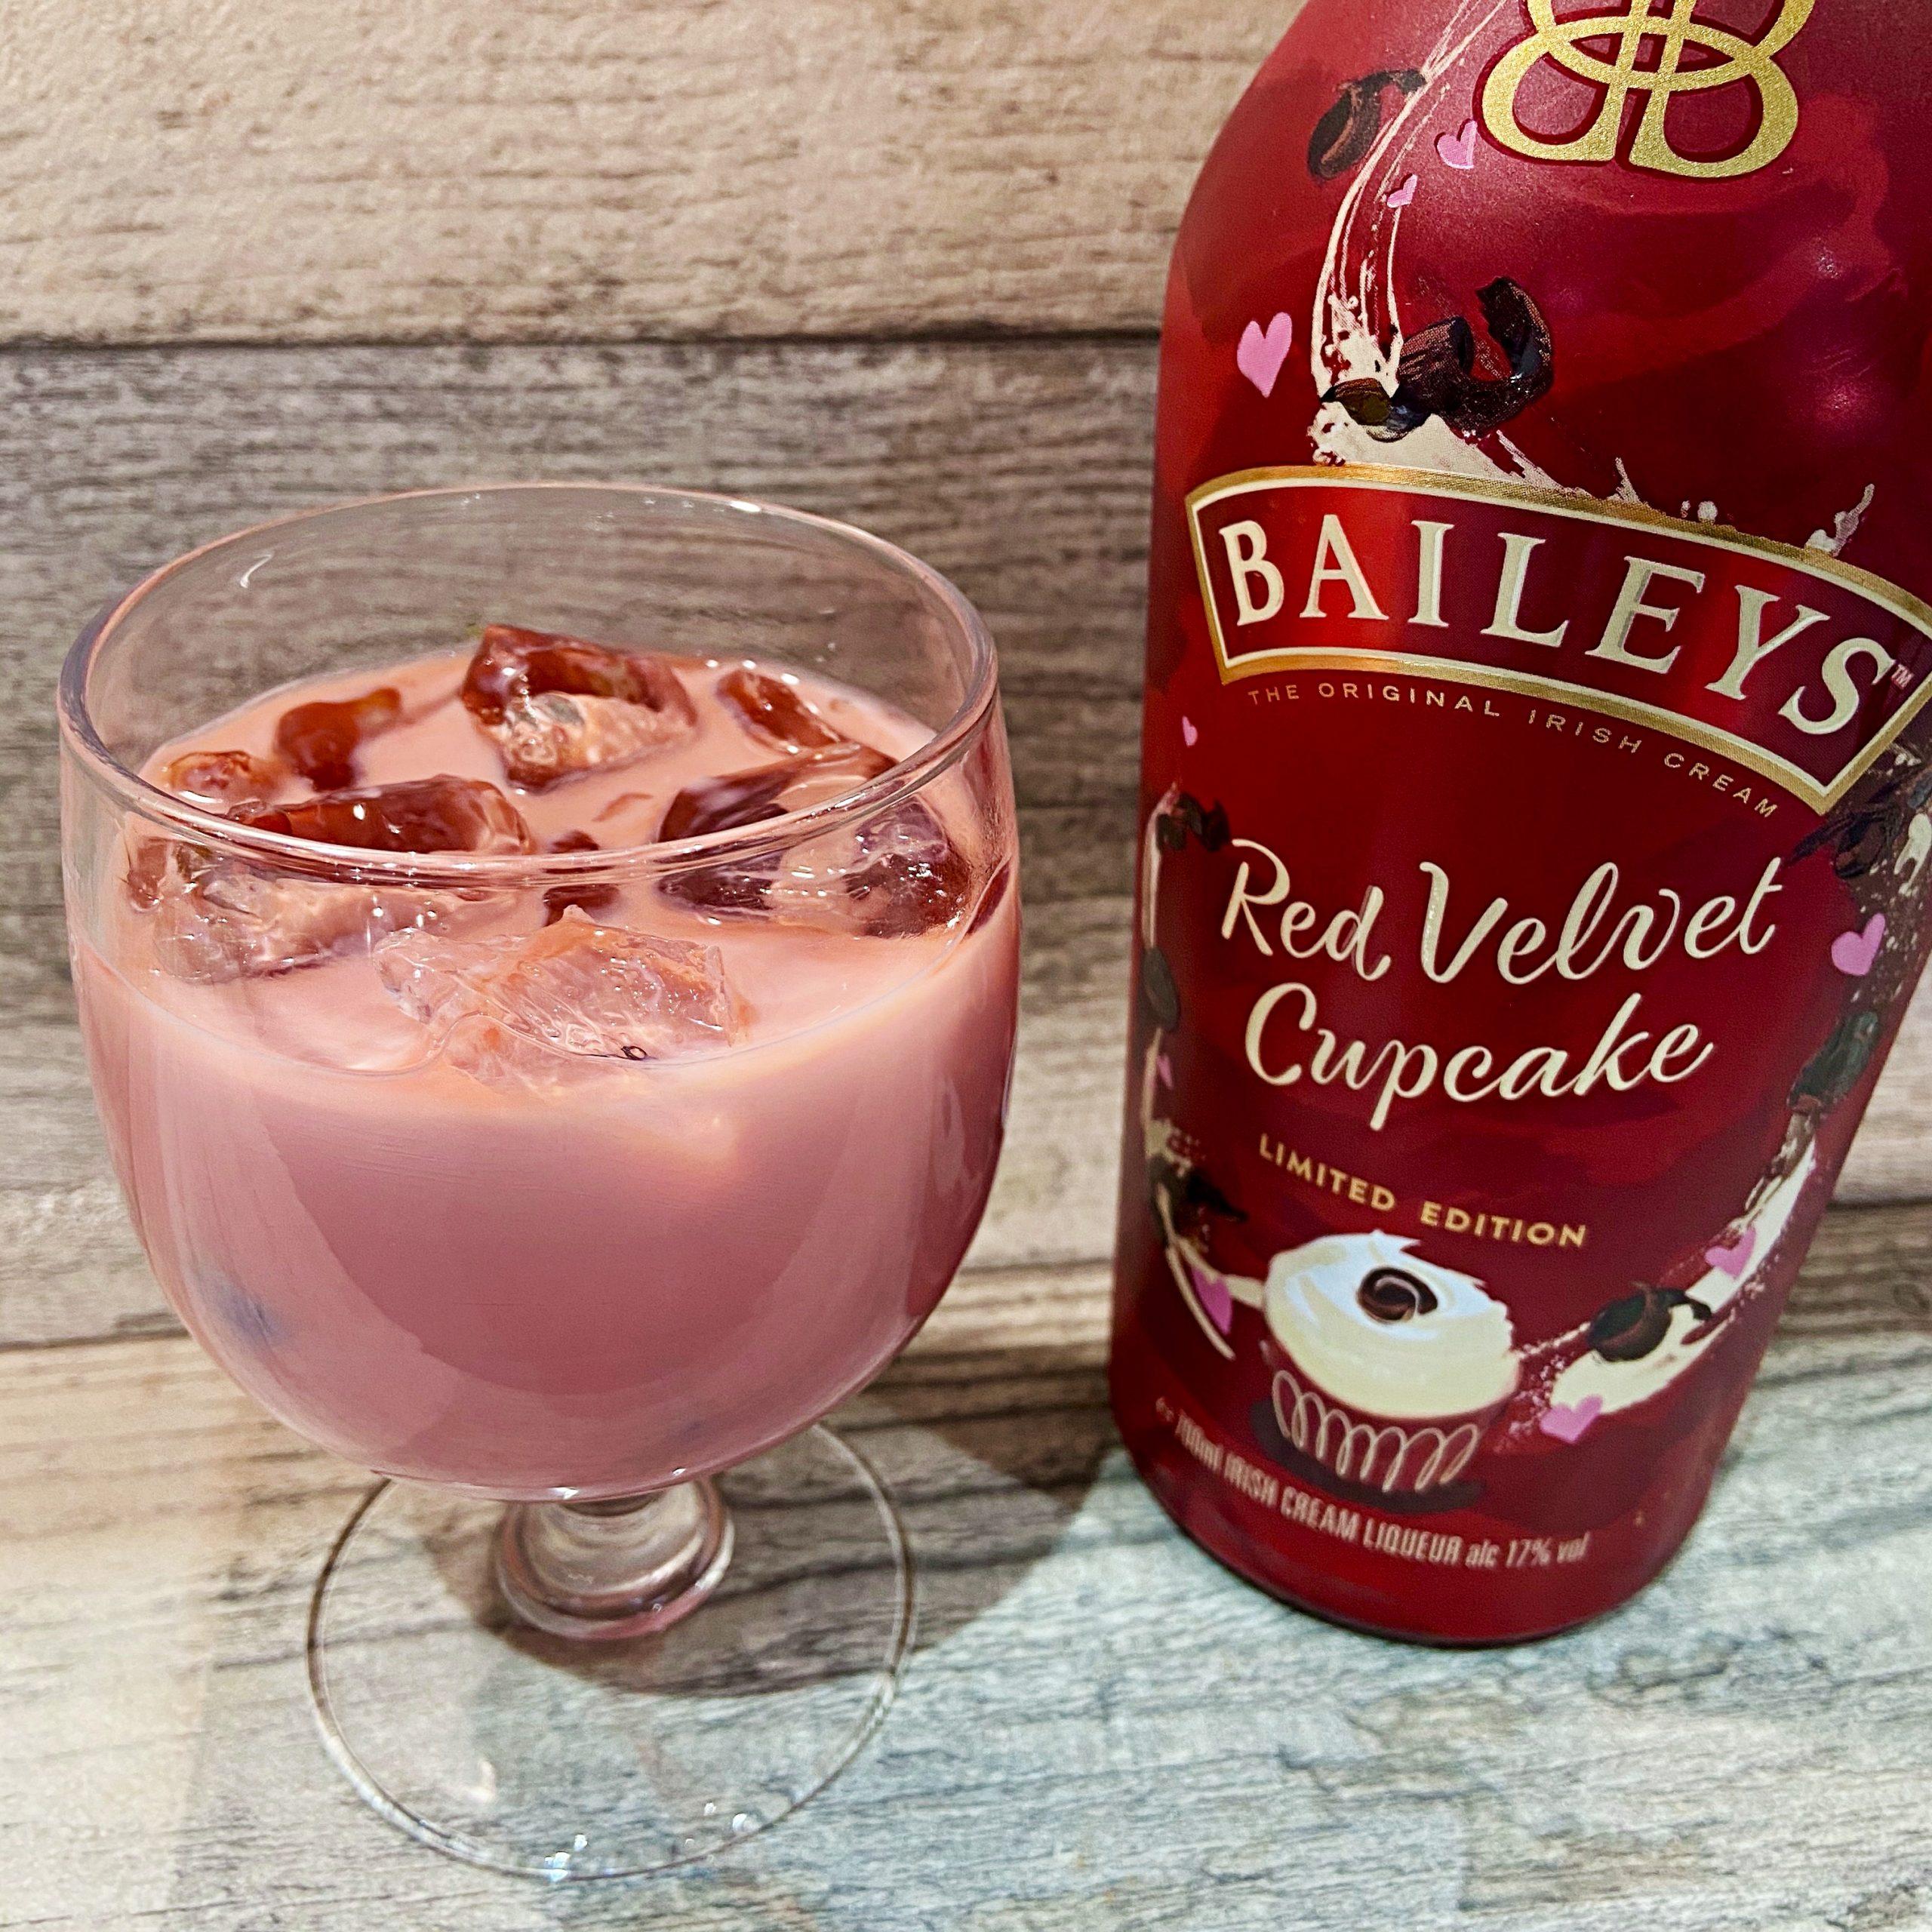 Red Velvet Cupcake Baileys Review